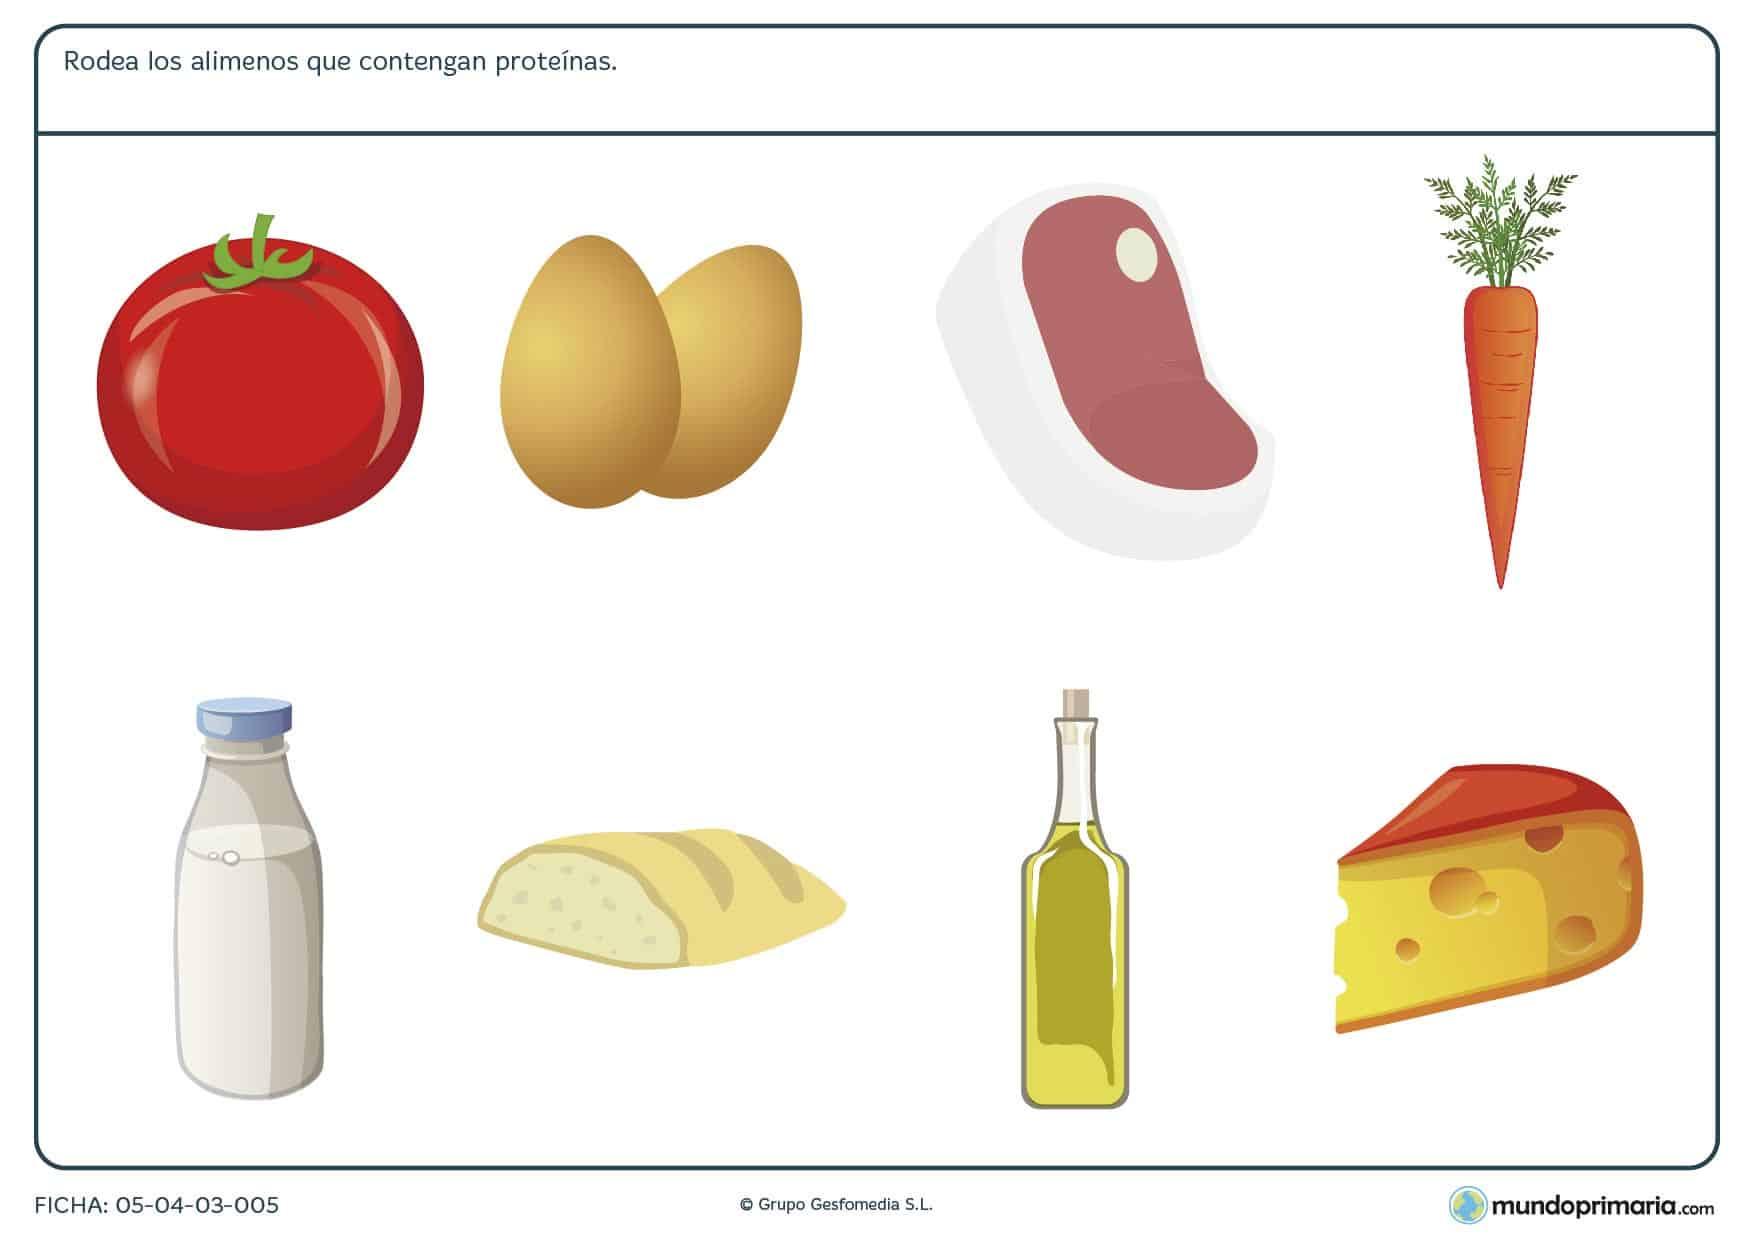 Ficha de los alimentos altos en prote nas para primaria - Q alimentos son proteinas ...